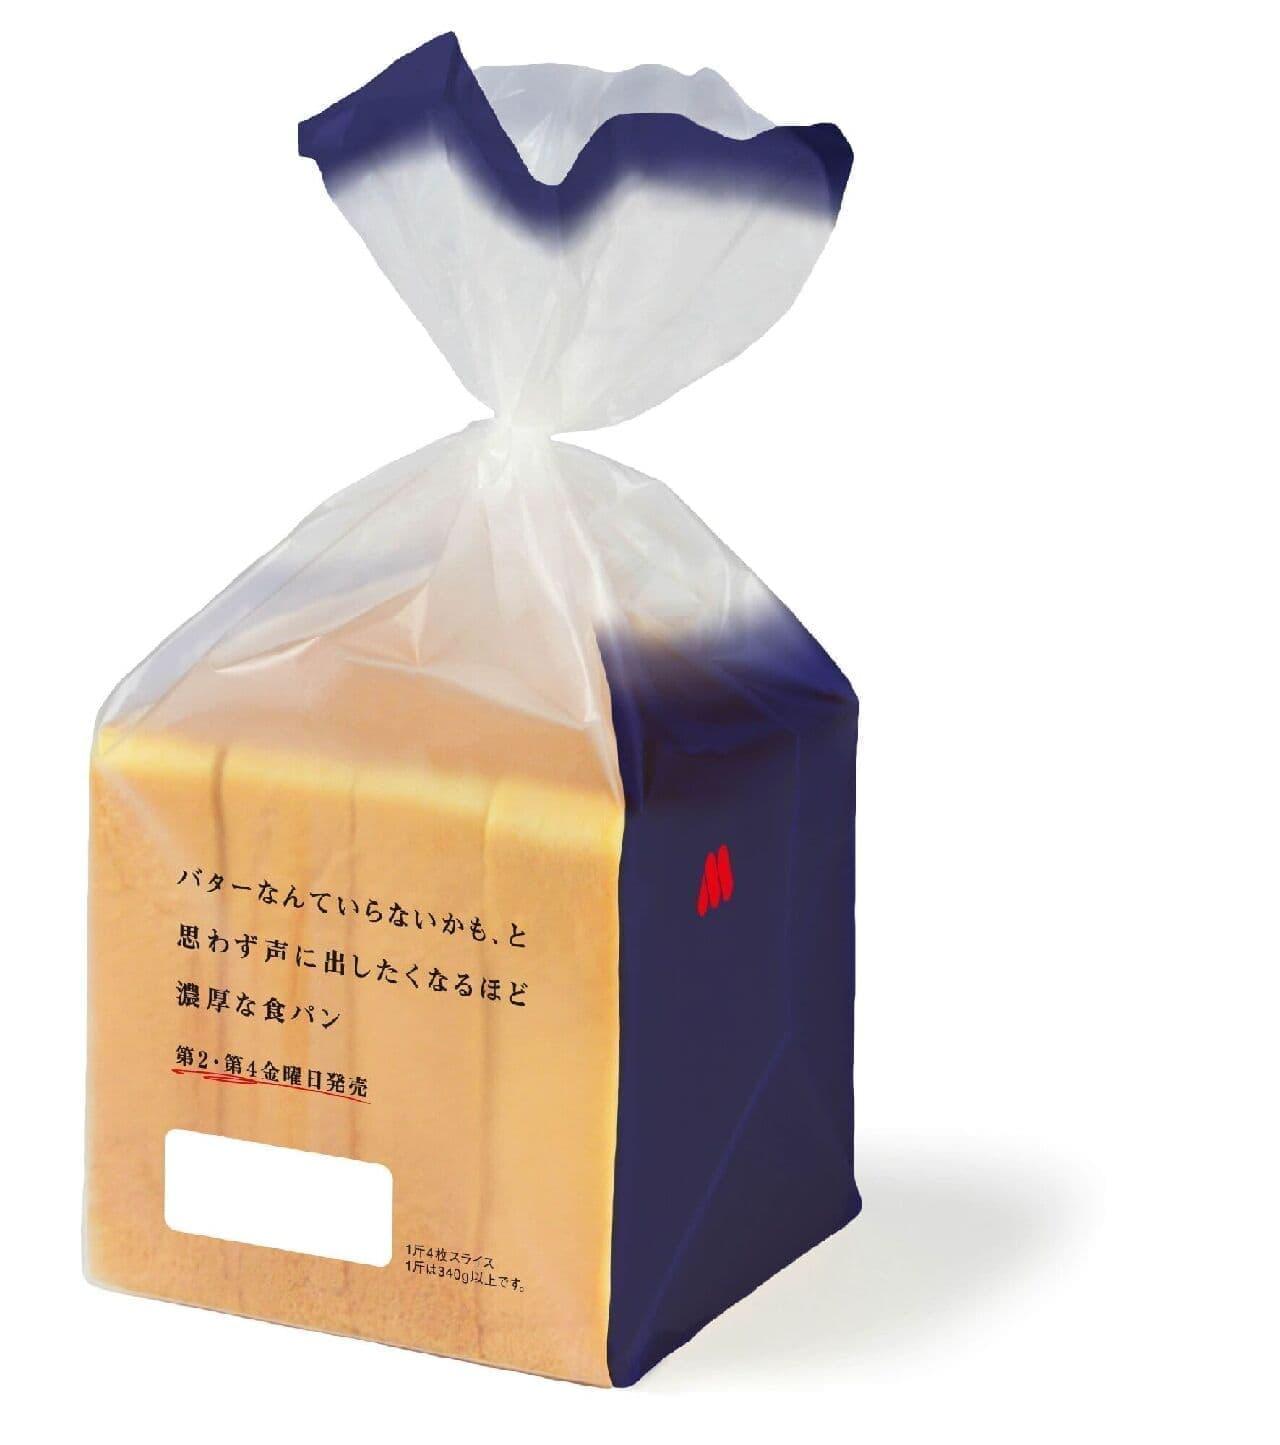 モスバーガー「バターなんていらないかも、と思わず声に出したくなるほど濃厚な食パン」